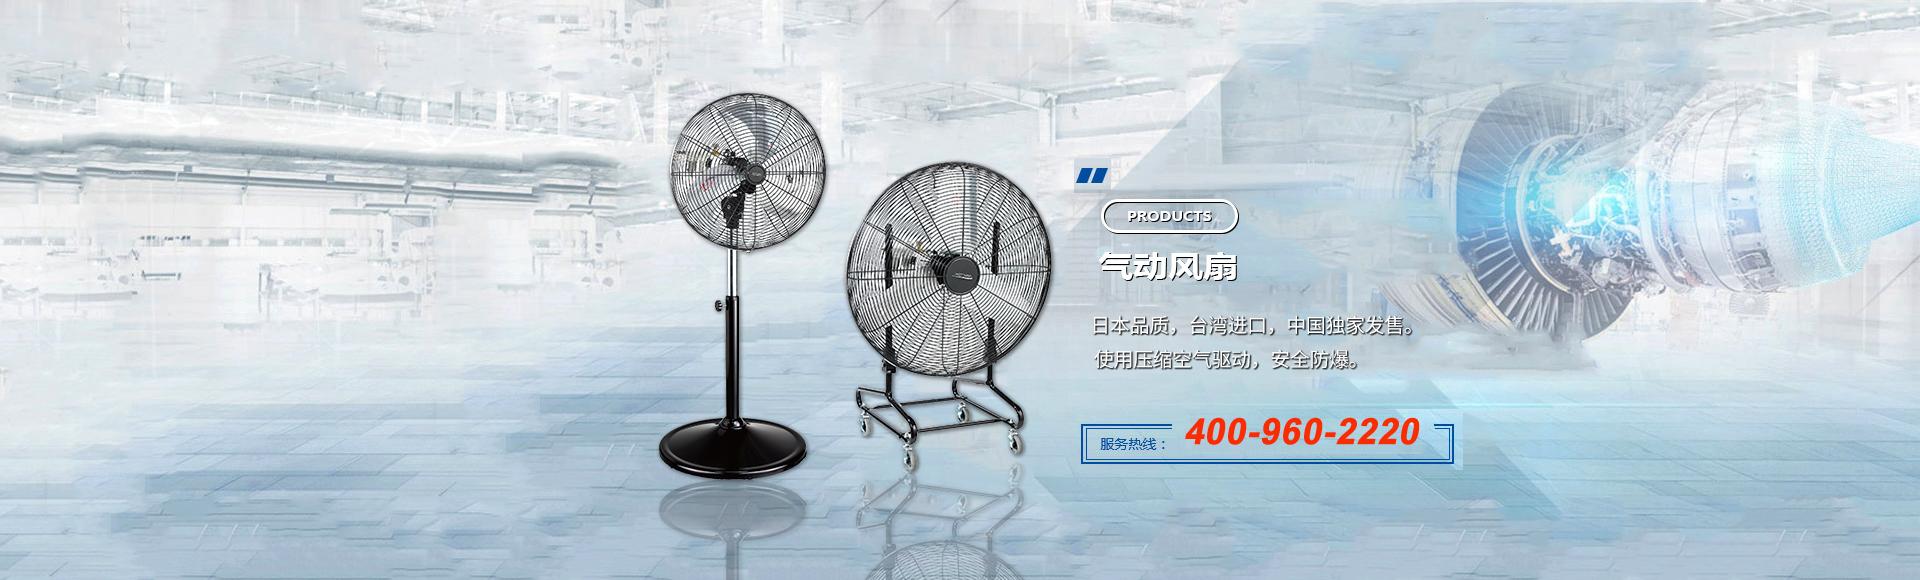 中日合资无锡冬夏机电有限公司